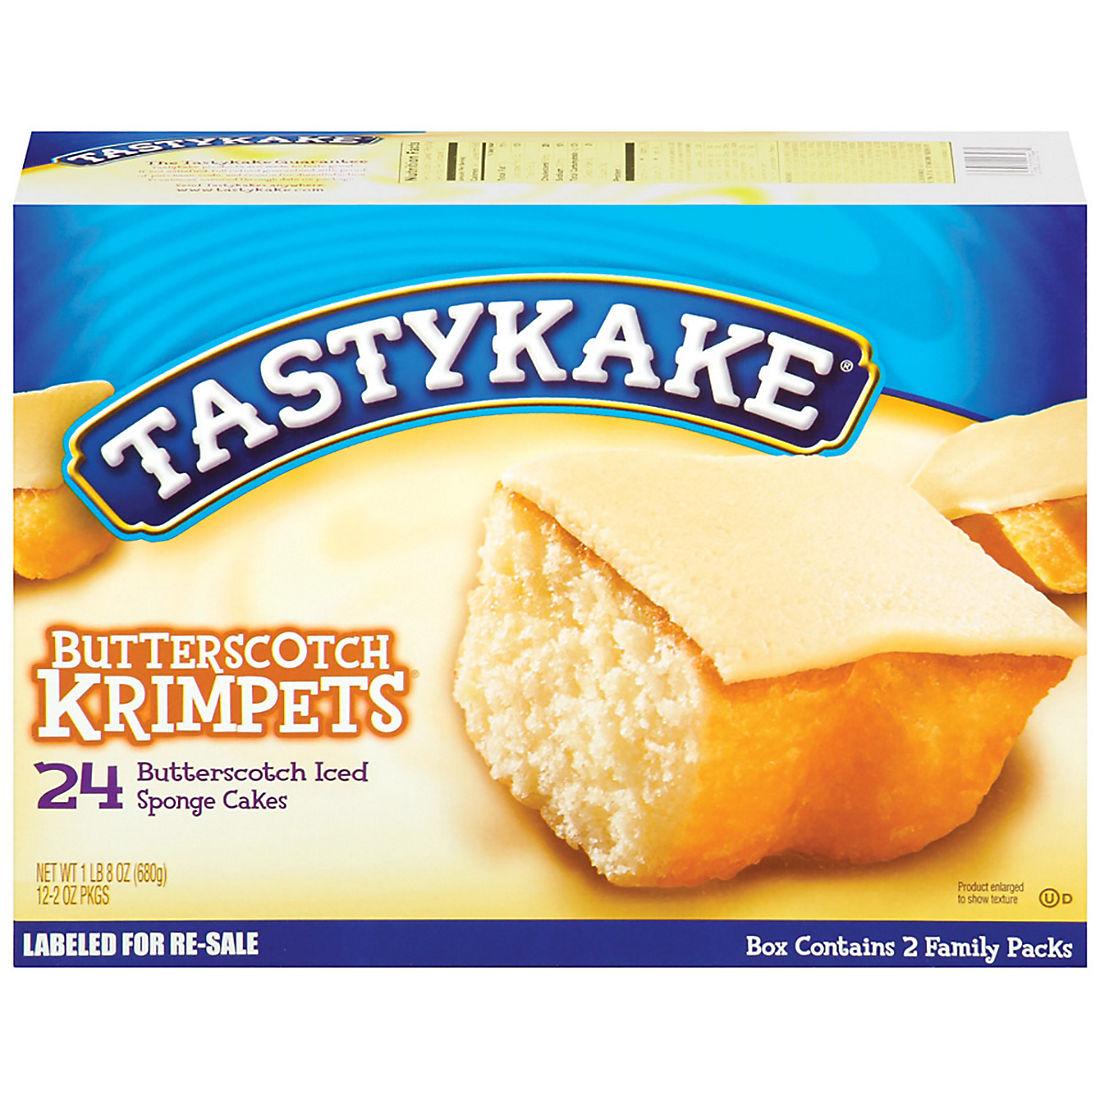 Tastykake Butterscotch Krimpets, 24 ct